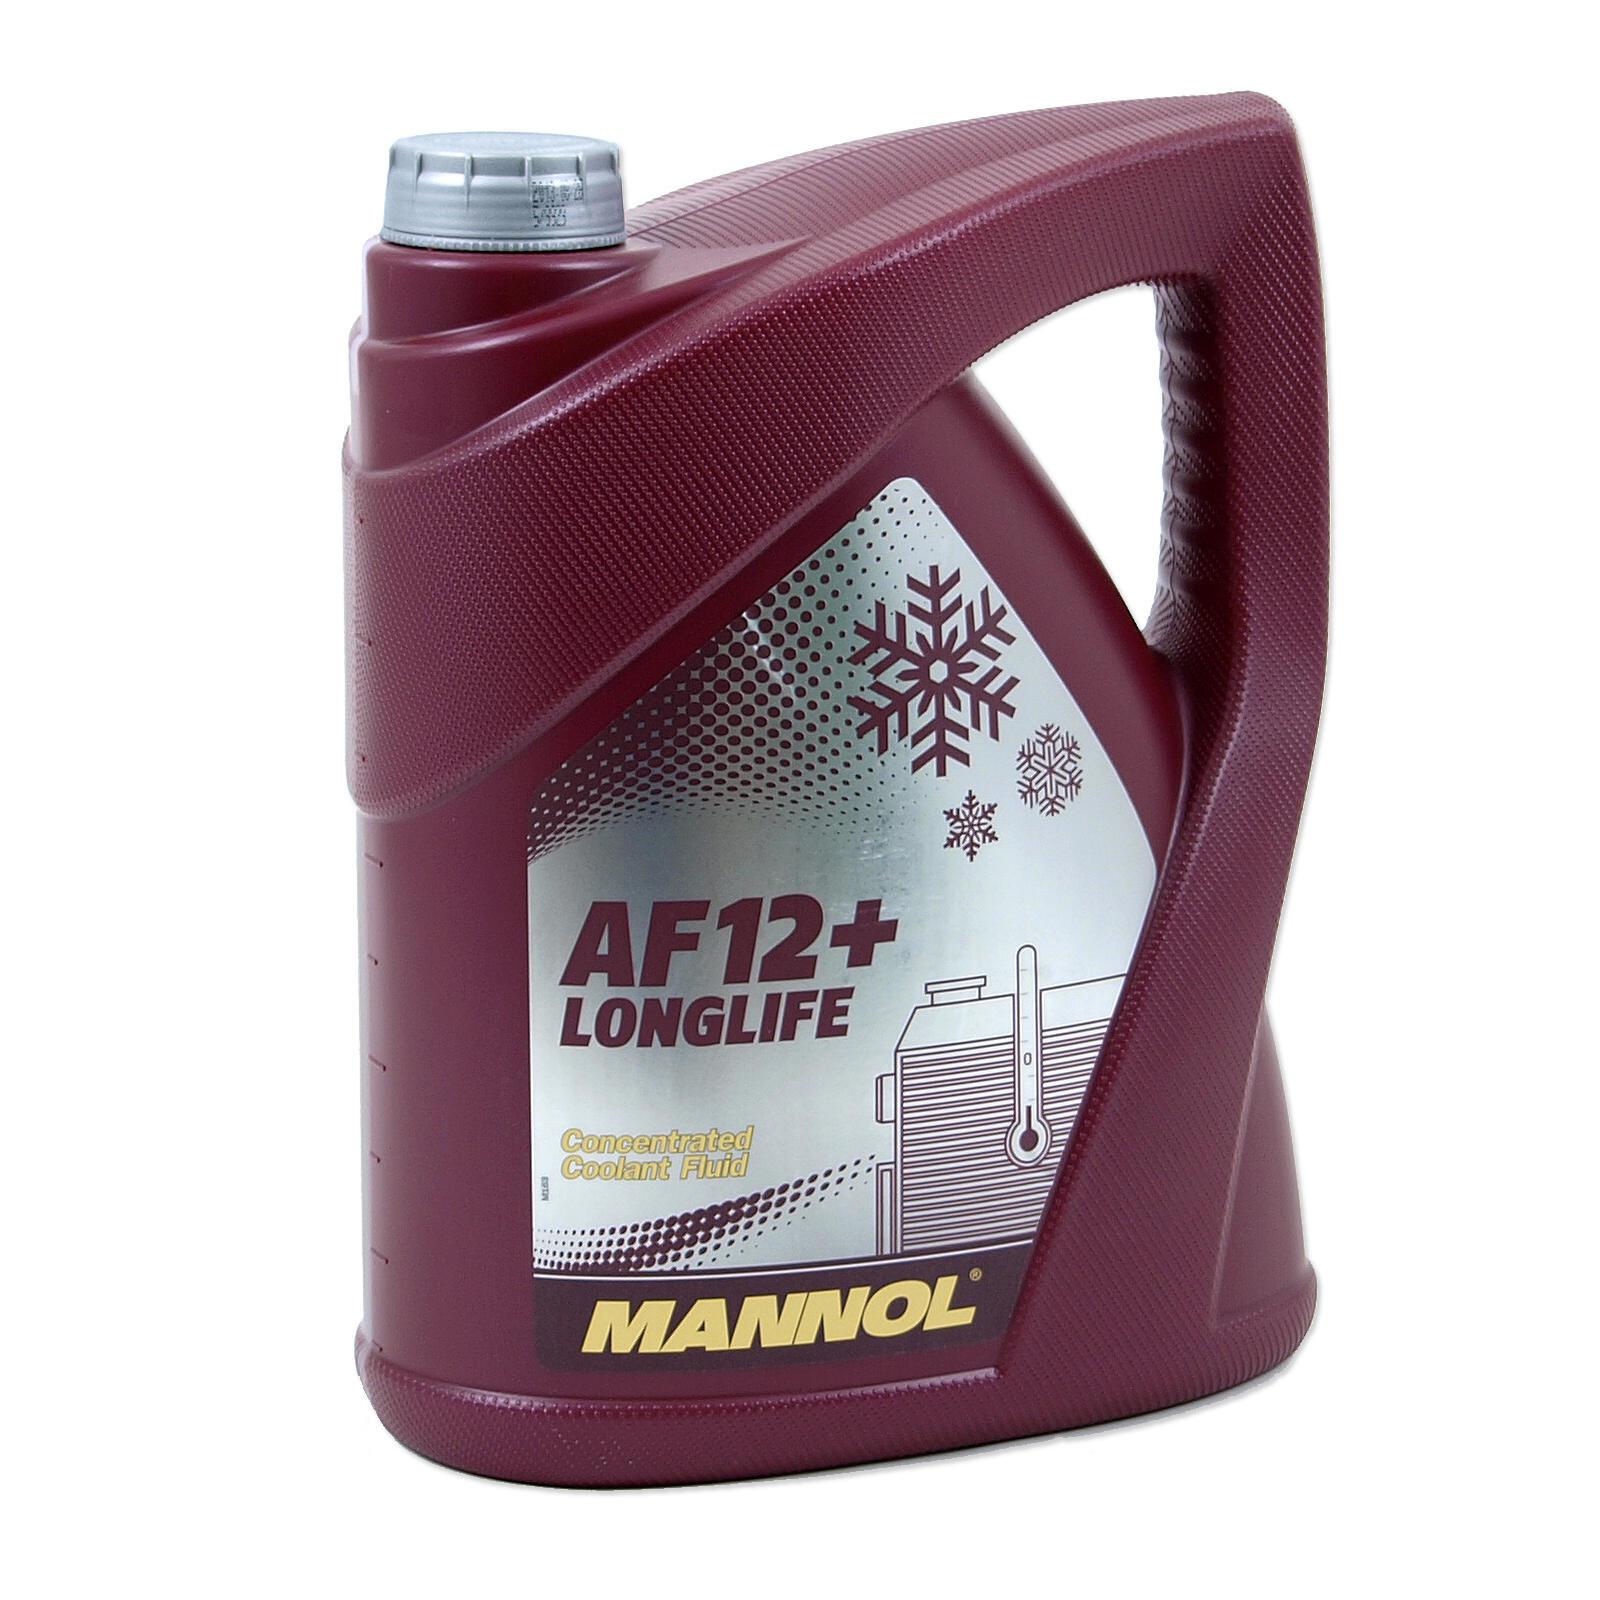 MANNOL Kühlerfrostschutz Longlife Antifreeze AF 12+ Konzentrat 5 Liter